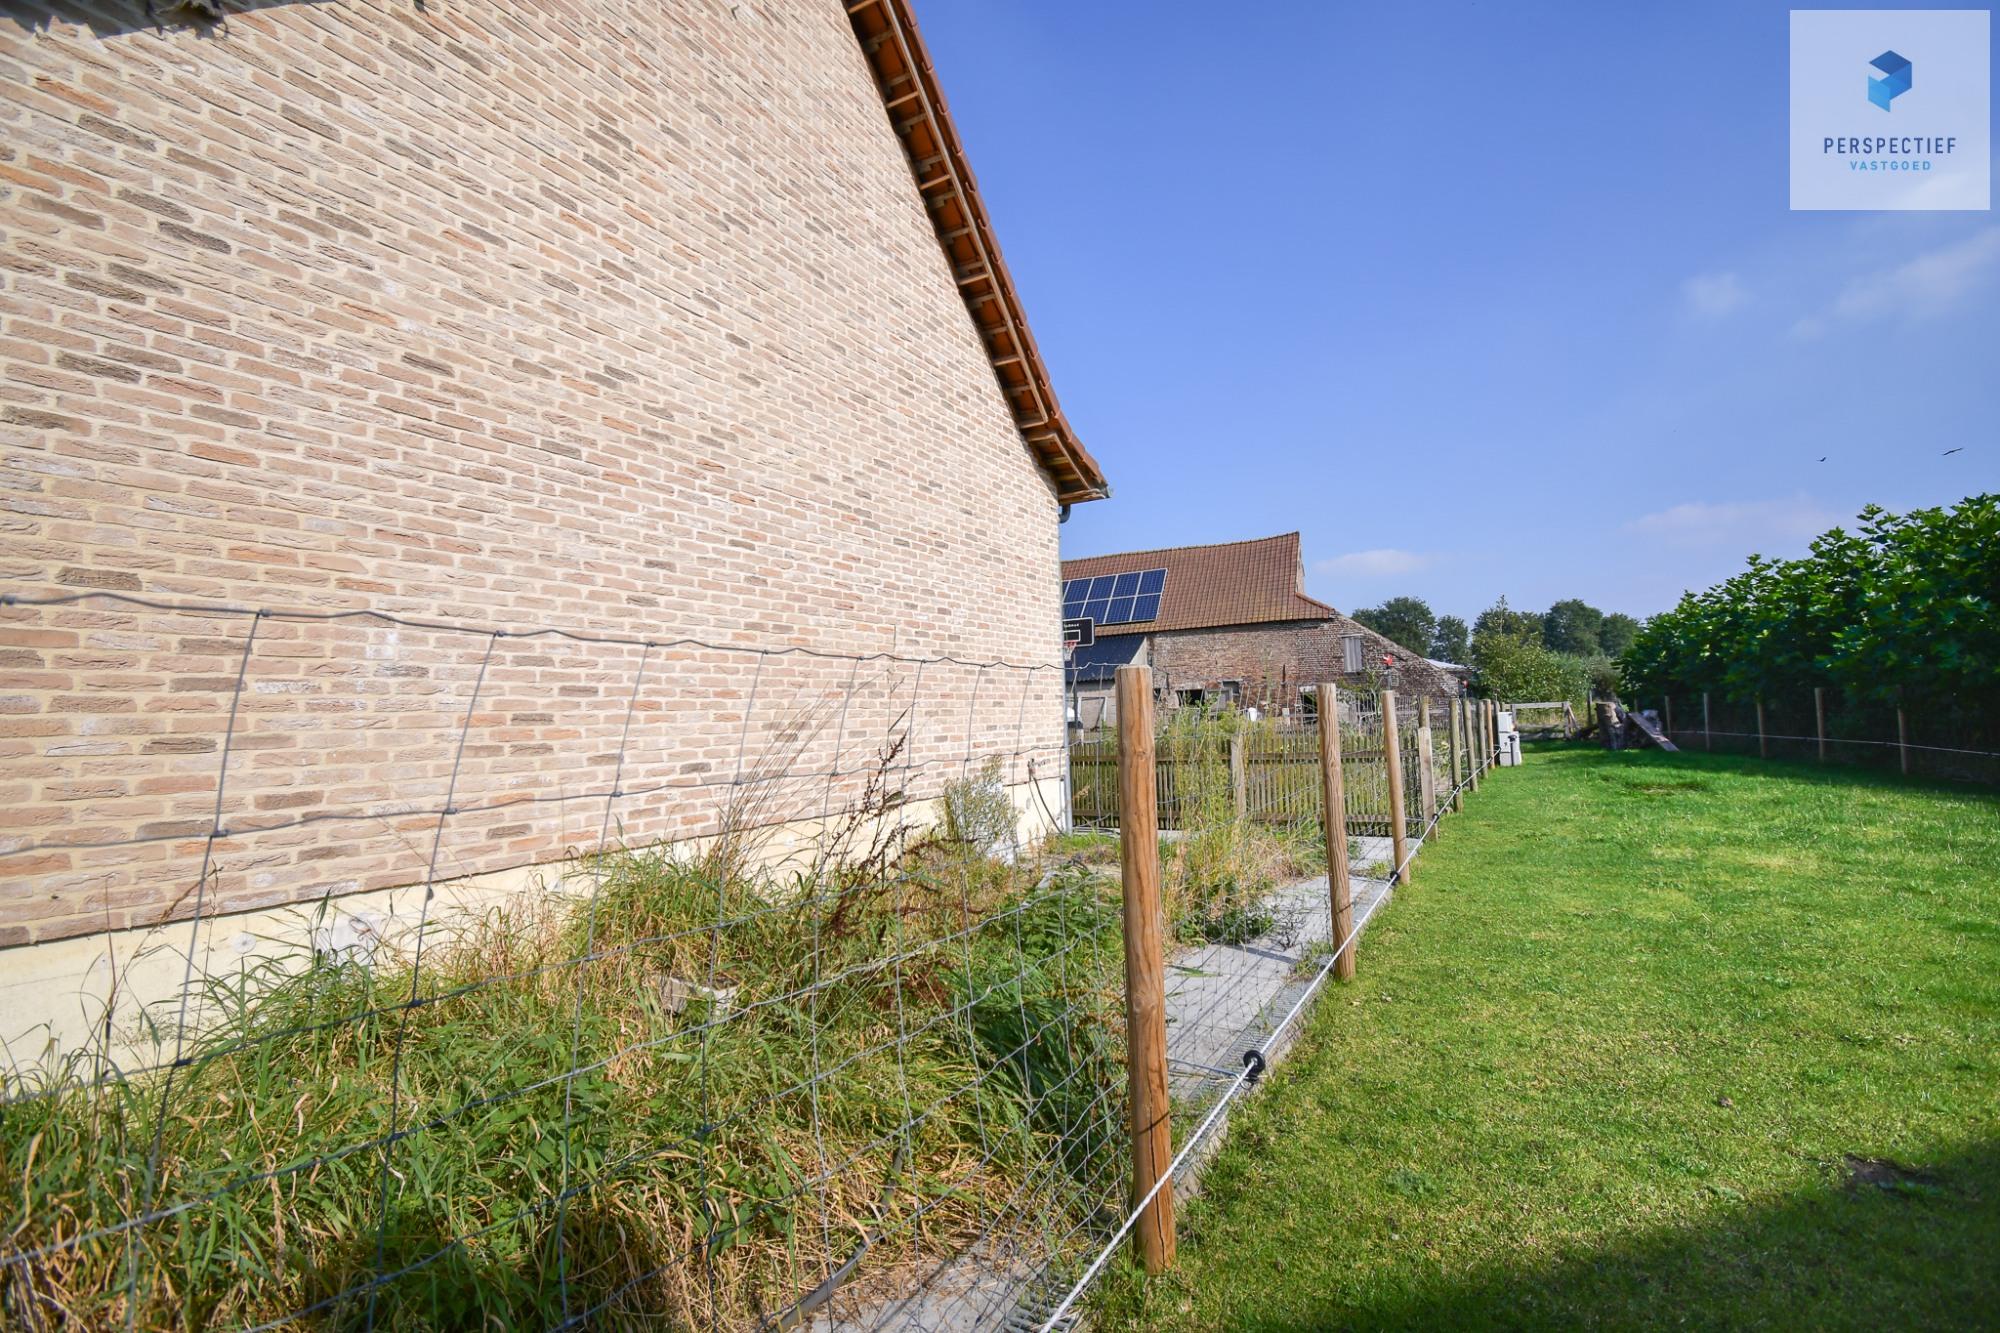 CHARMANTE HOEVE met 18de eeuwse SCHUUR, bijhuis/poolhouse en ZWEMBAD op ca 4550m² - 30